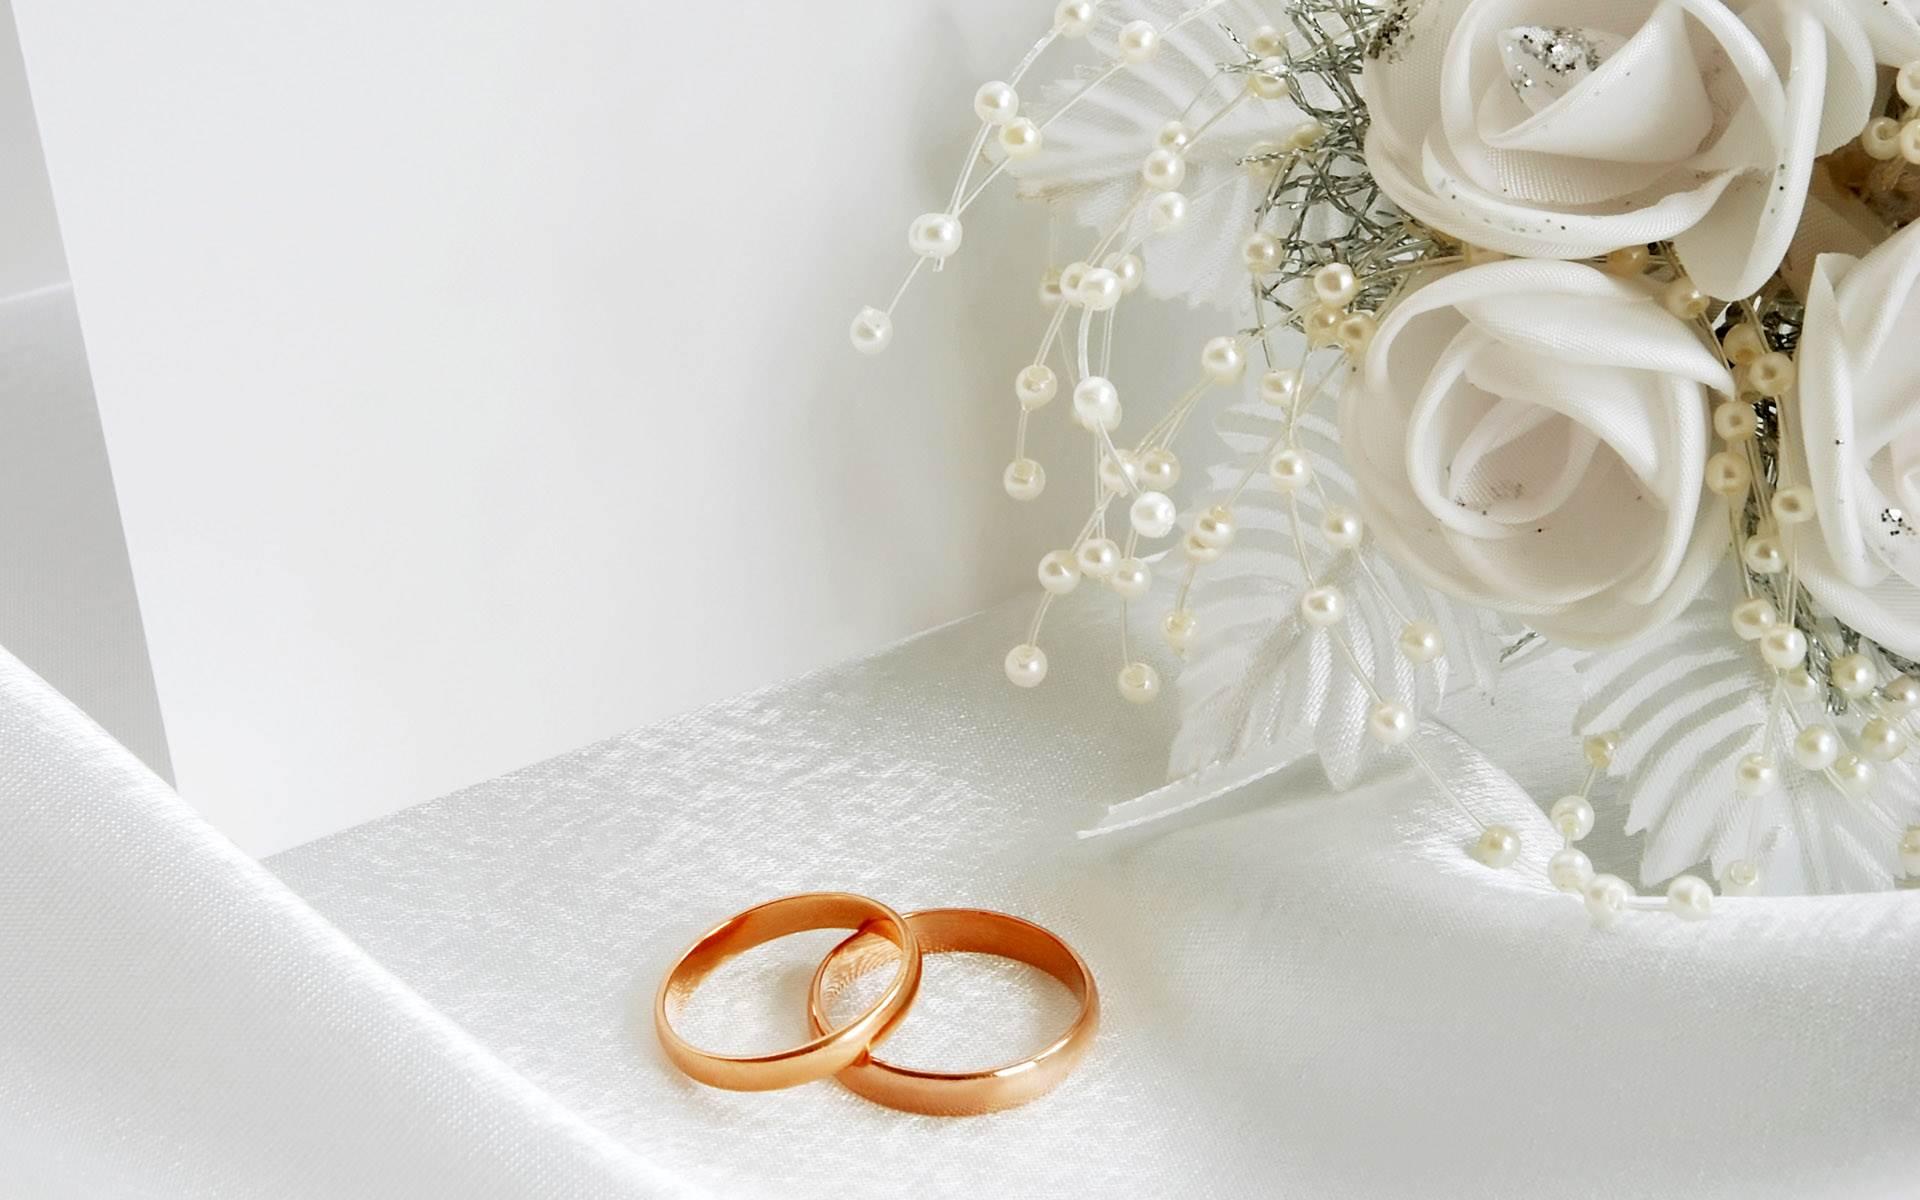 Красивое поздравление с днем свадьбы фото